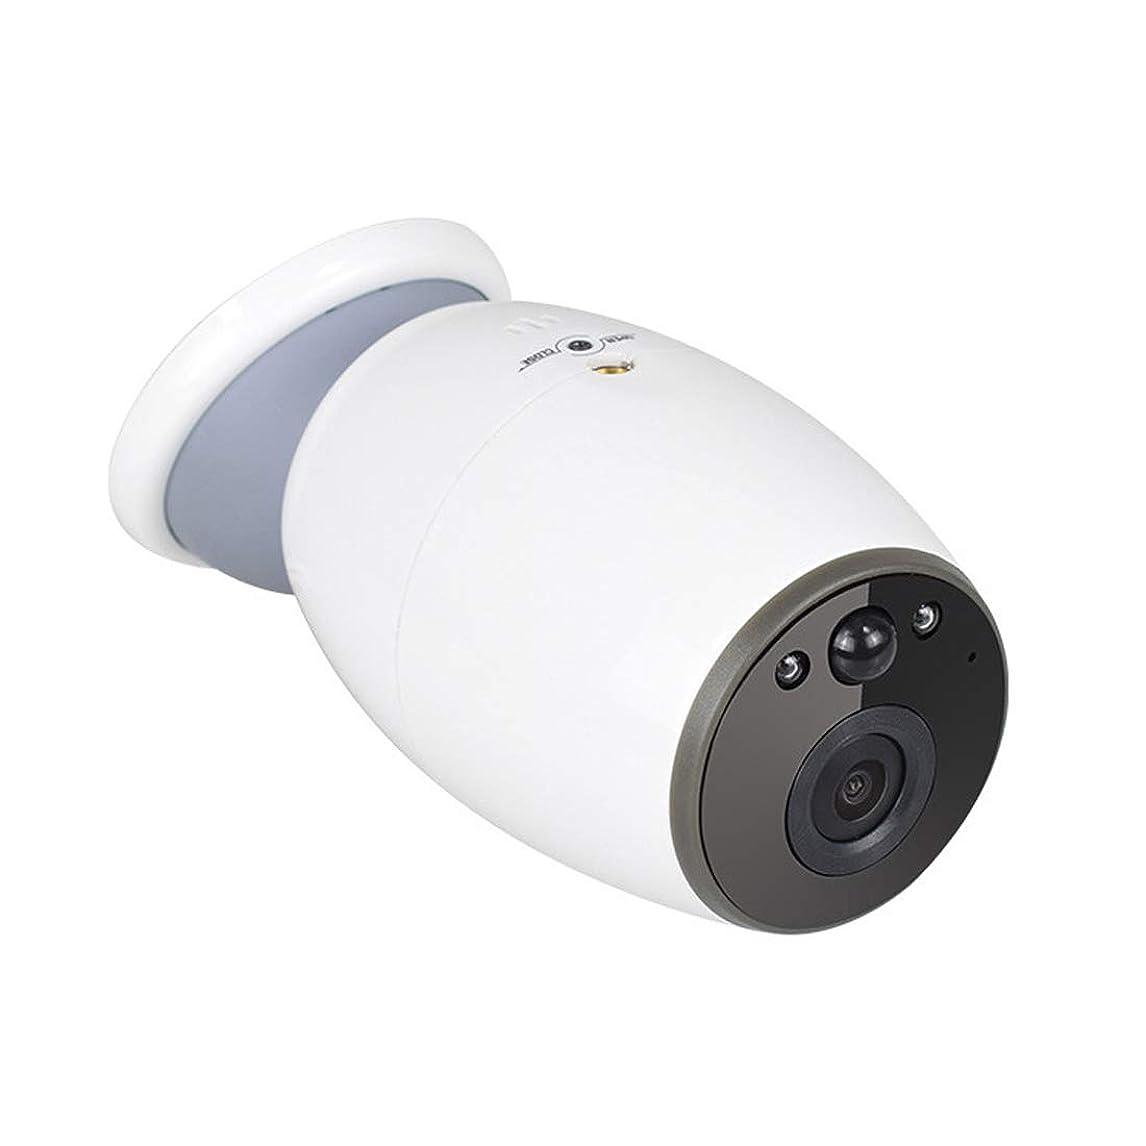 天井おしゃれじゃない形状ノウ建材貿易 監視カメラ - 双方向通話ナイトビジョン低消費電力1080PスマートHD WiFi IPカメラ